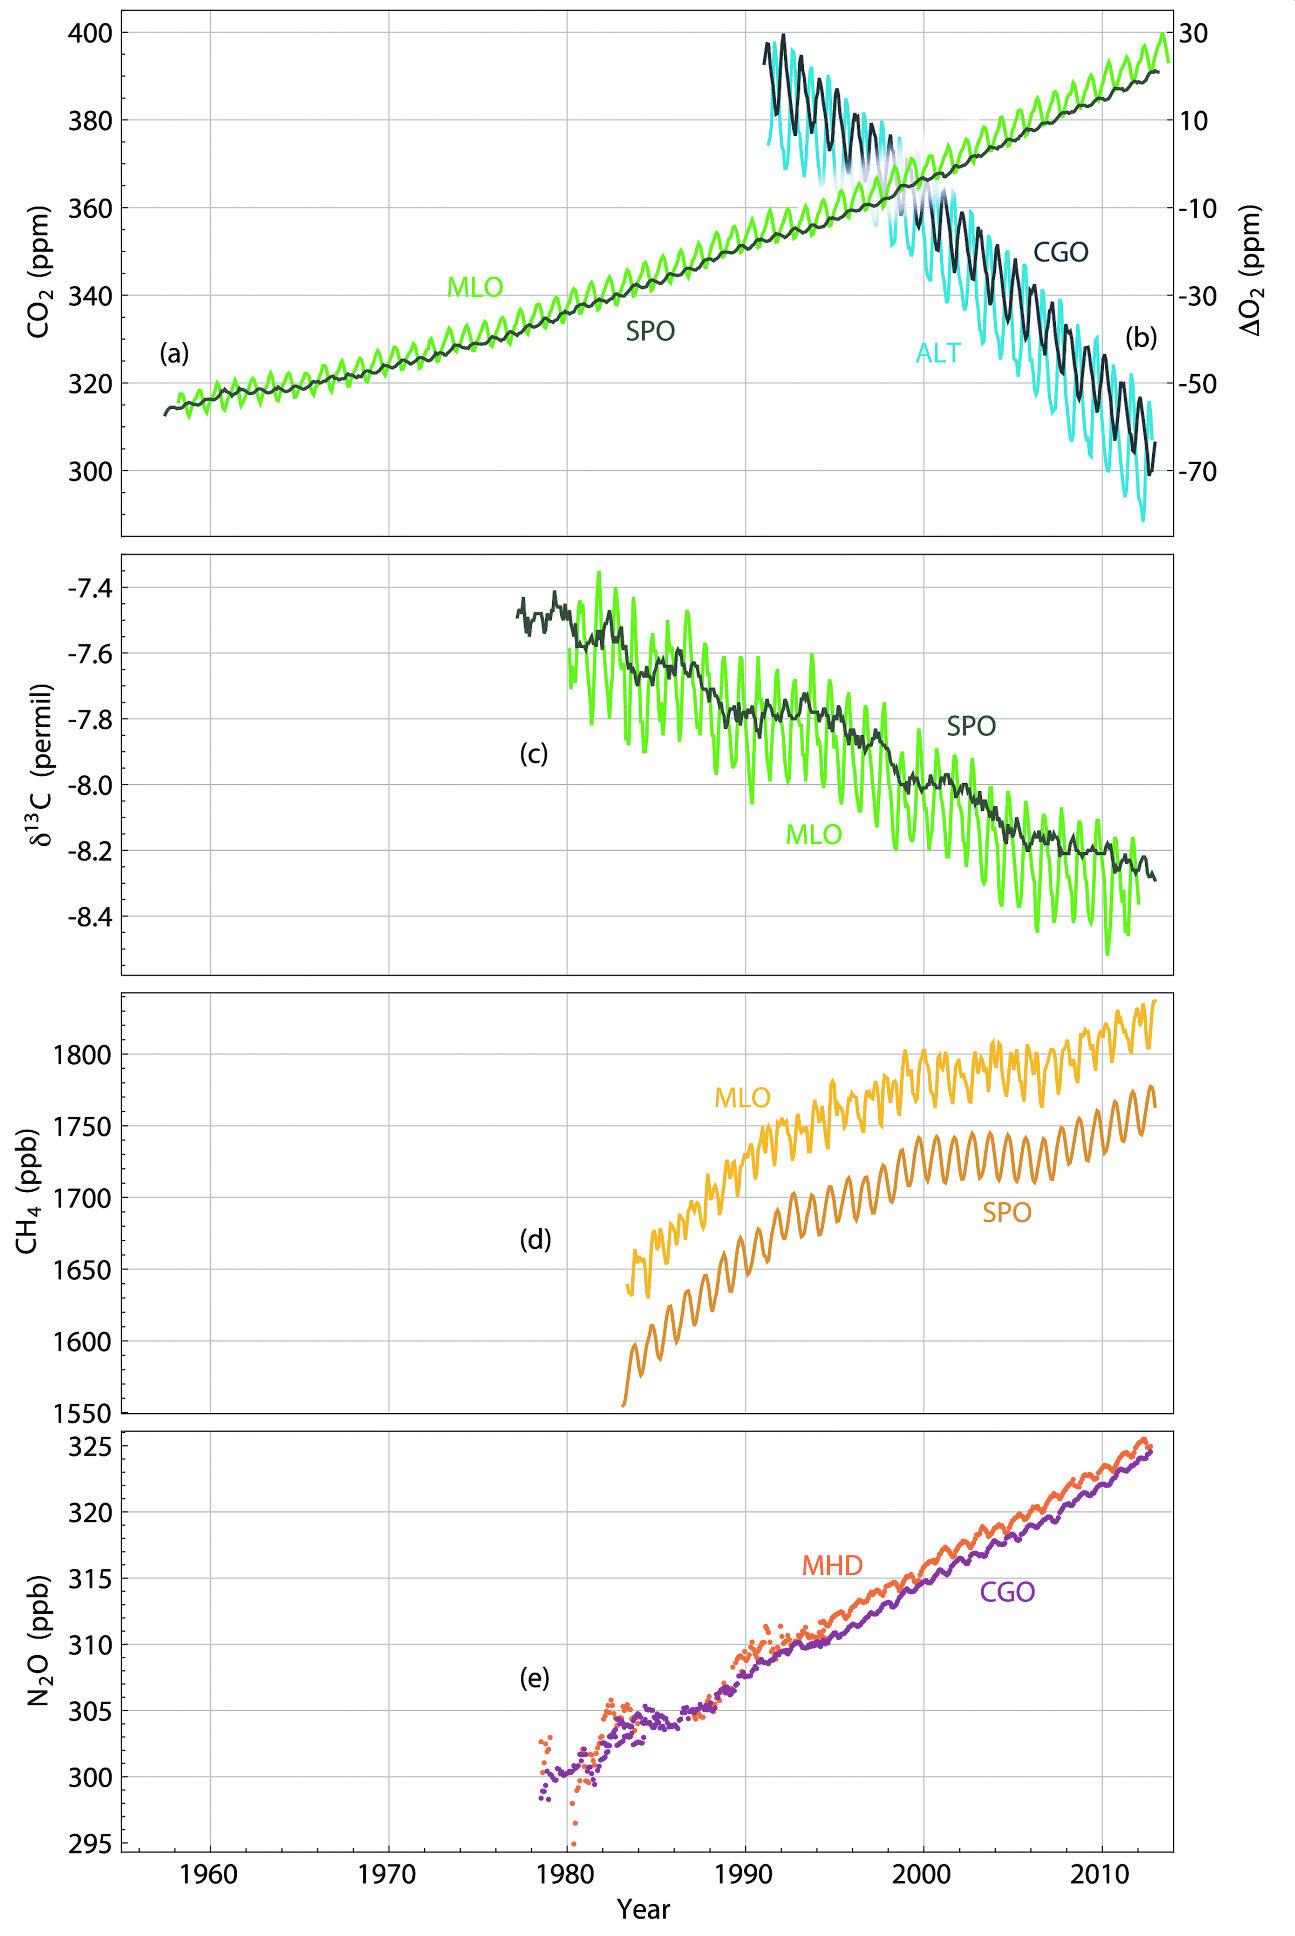 Рис. 1. (МГЭИК 5-й доклад, рис. 6.3): (а) Изменение атмосферных концентраций CO2 (все изотопы) для станций Мауна Лоа (MLO) и Южный Полюс (SPO) — северное и южное полушария соответственно; (b) кислорода для станций Алерт (ALT) и Кейп Грим (CGO); (c) отношение устойчивых изотопов 13C/12C характеризует рост относительной доли ископаемого углерода; (d) изменение концентраций метана CH4 и (e) окислов азота N2O